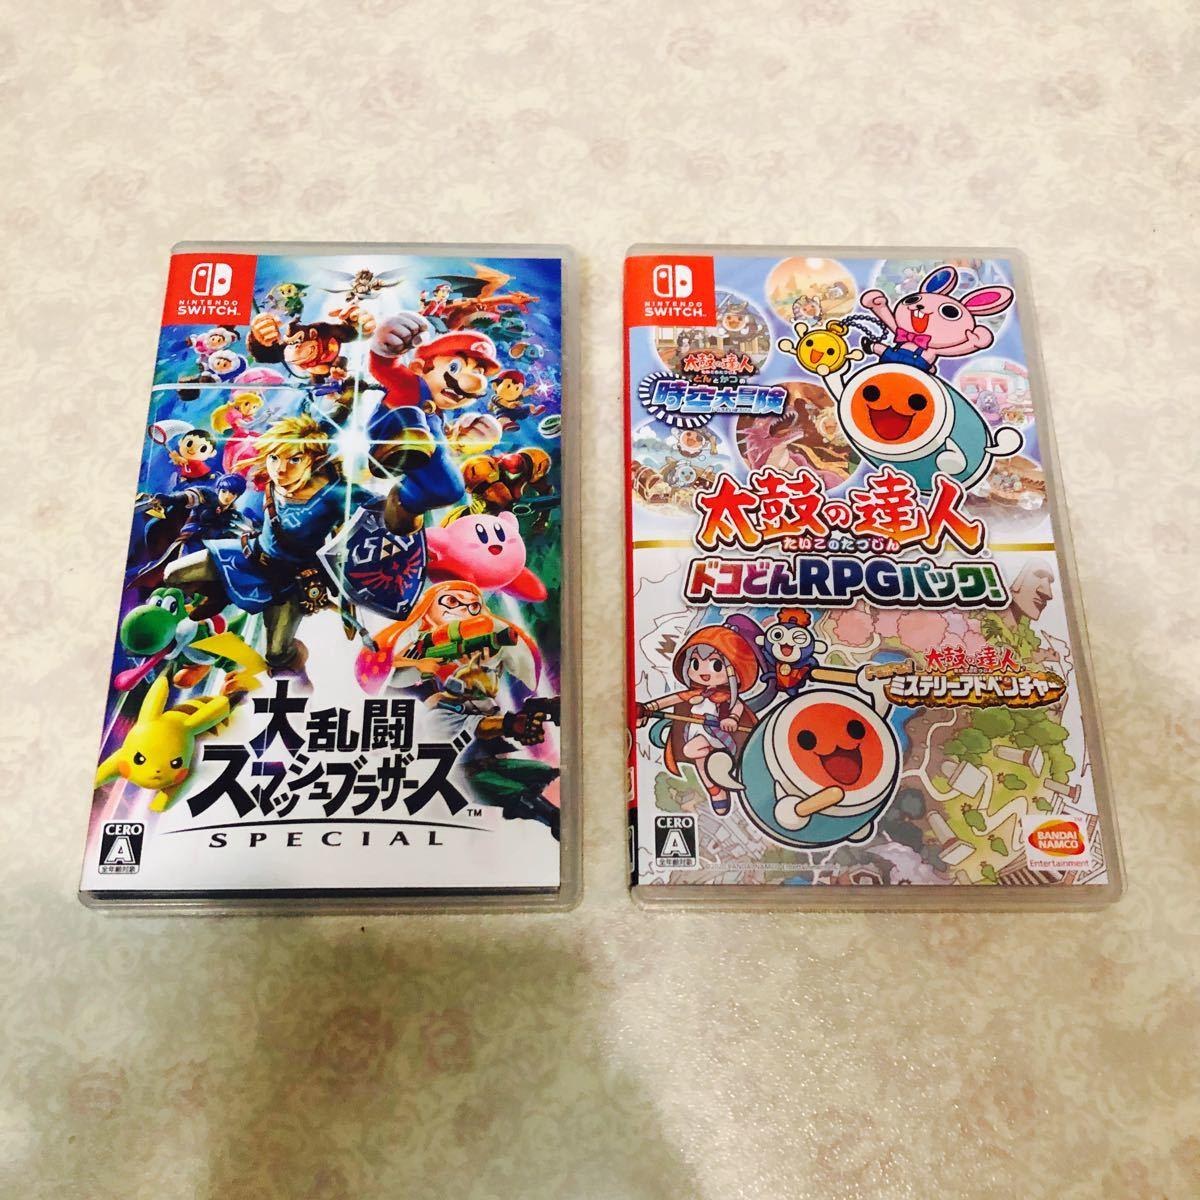 【Switch】 『大乱闘スマッシュブラザーズ SPECIAL』と 『太鼓の達人 ドコどんRPGパック!』の2本セット